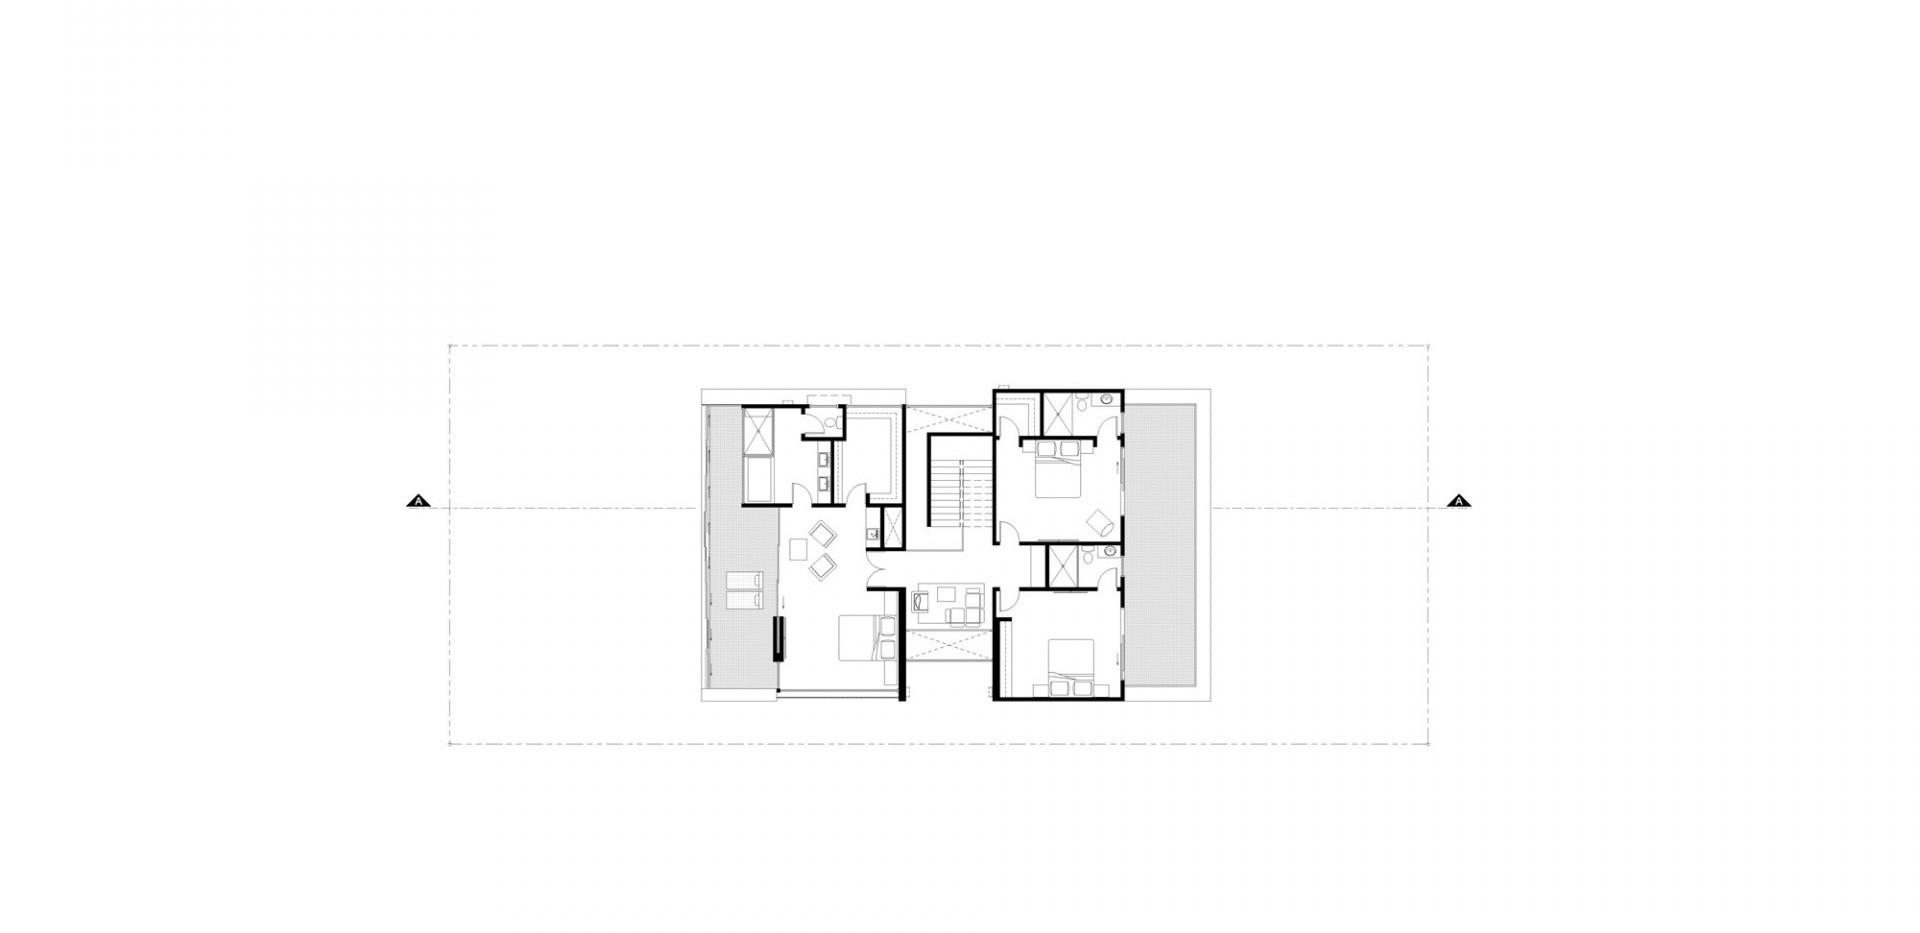 417-Mansfield_second-floor-plan-1920x108